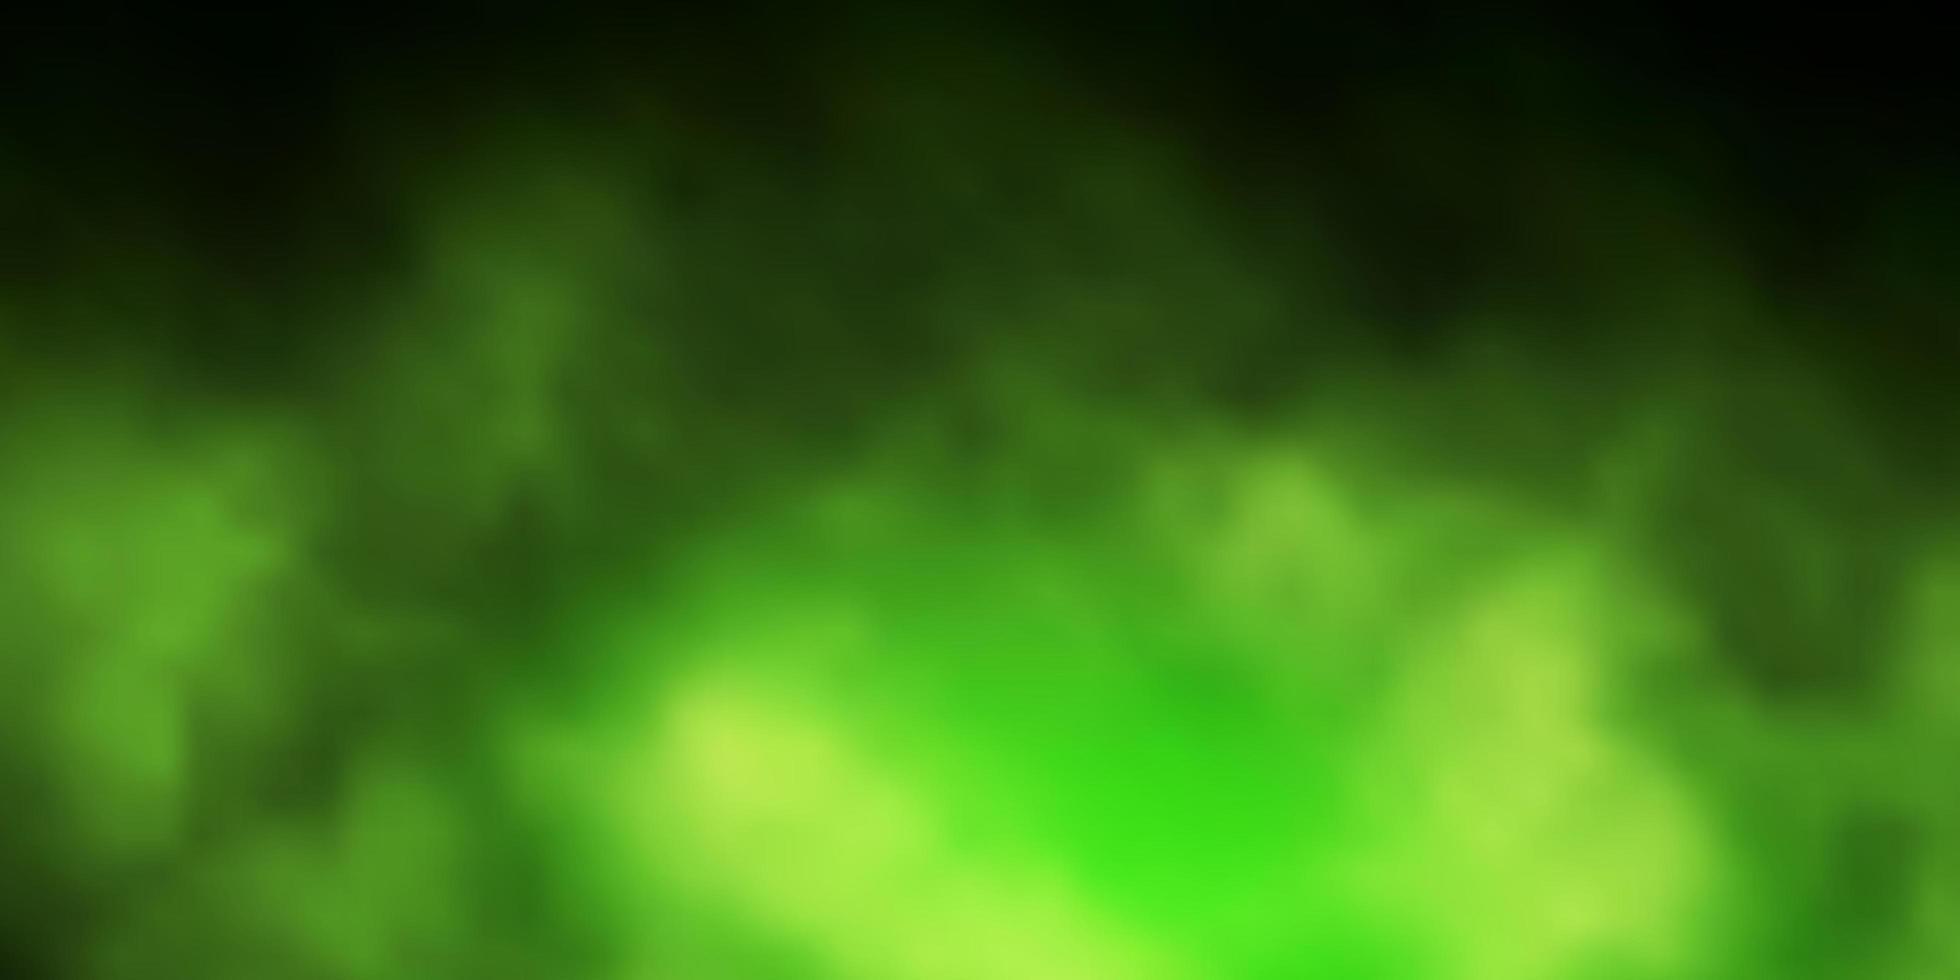 sfondo vettoriale verde scuro con nuvole.